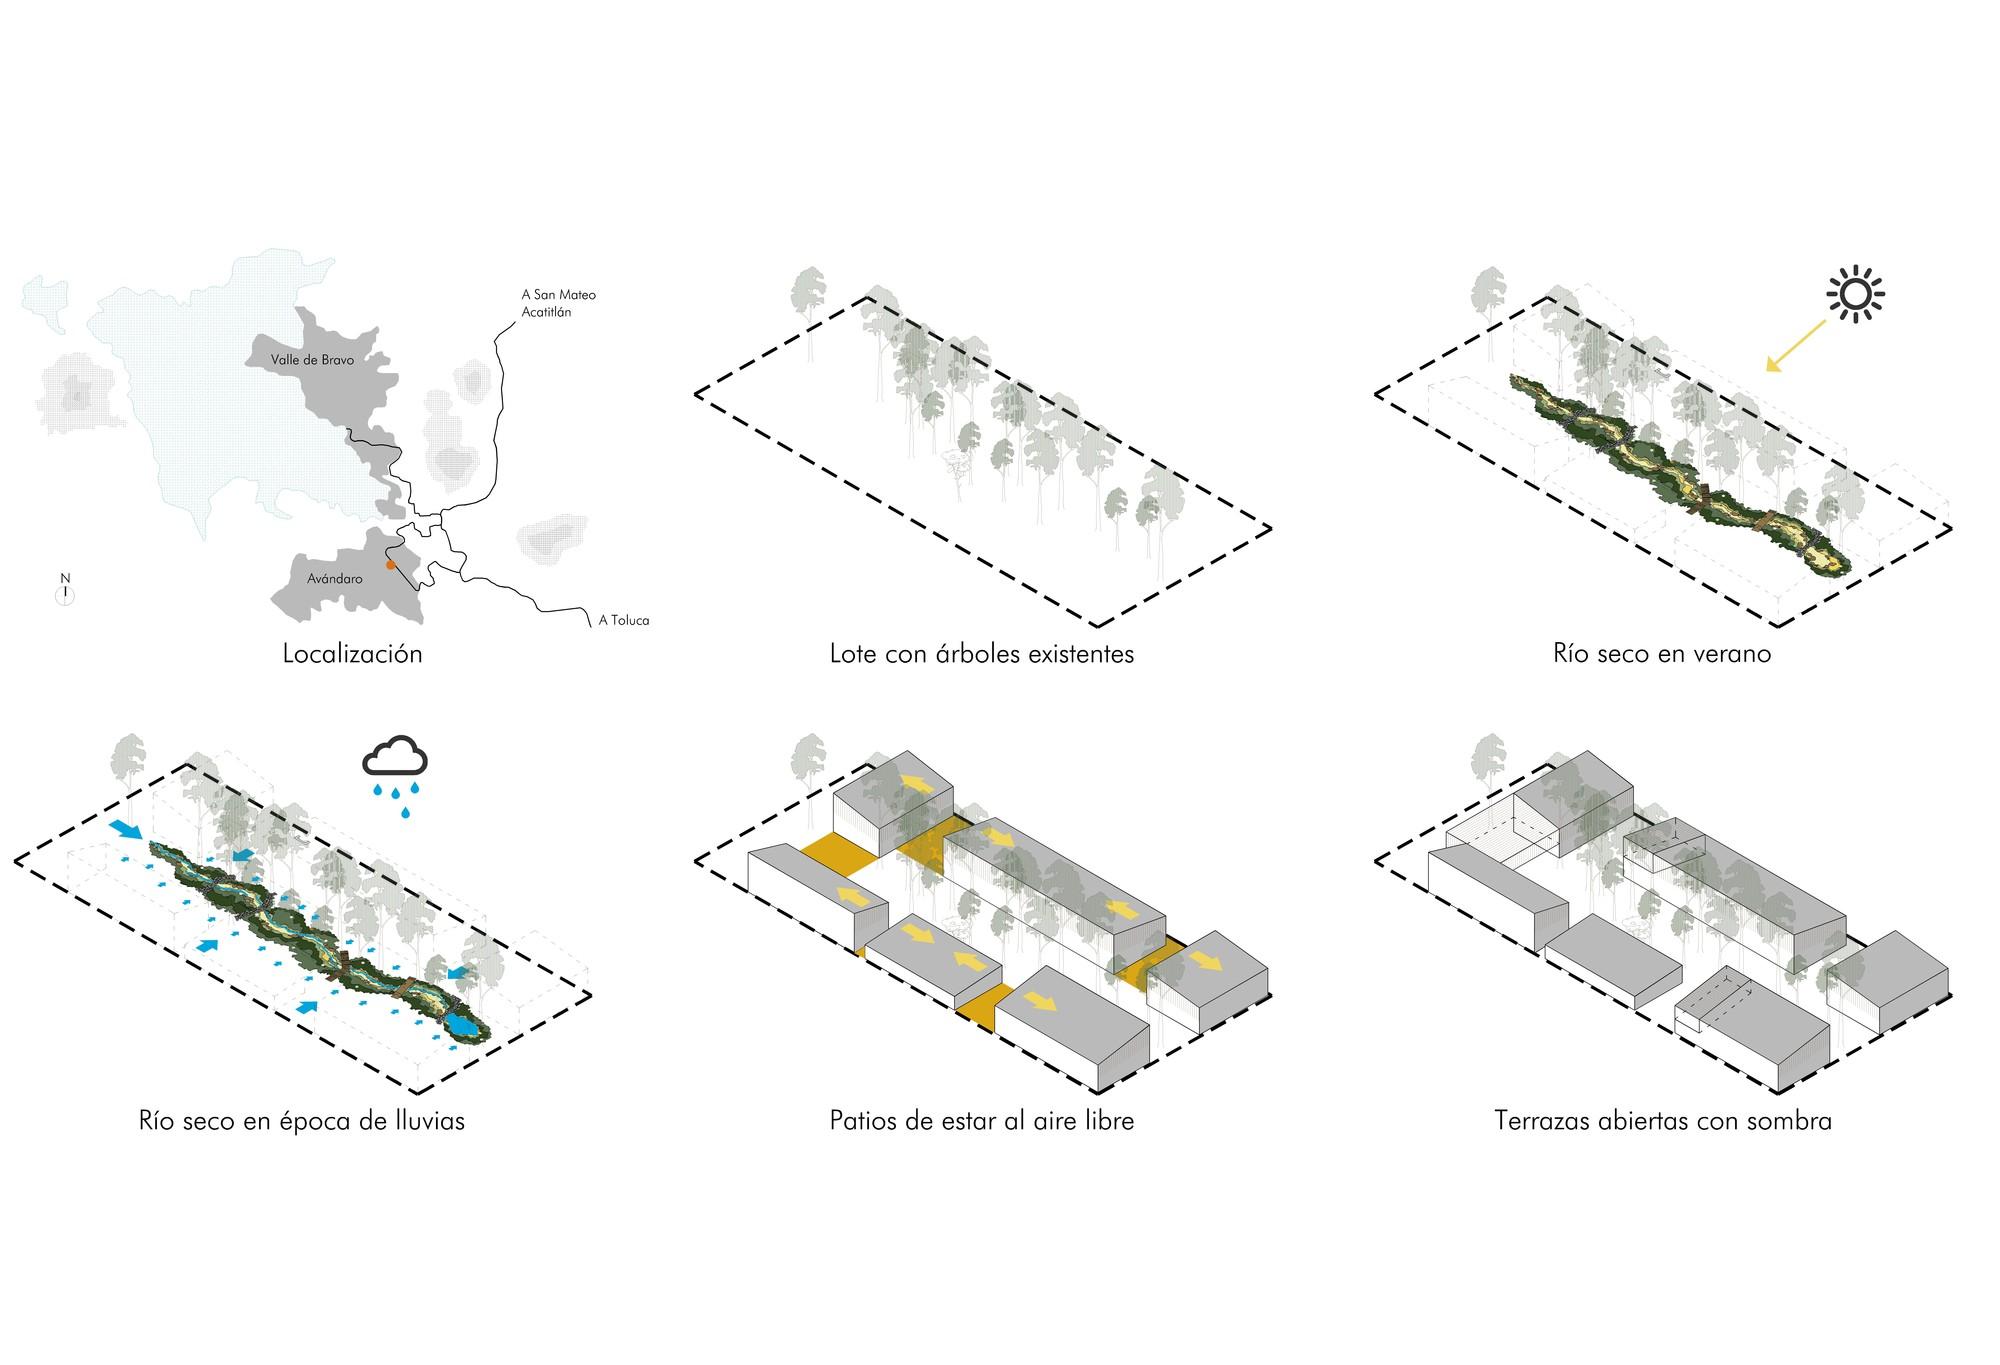 Arquitetura E Paisagem Pra A Andaro Constru Da A Partir